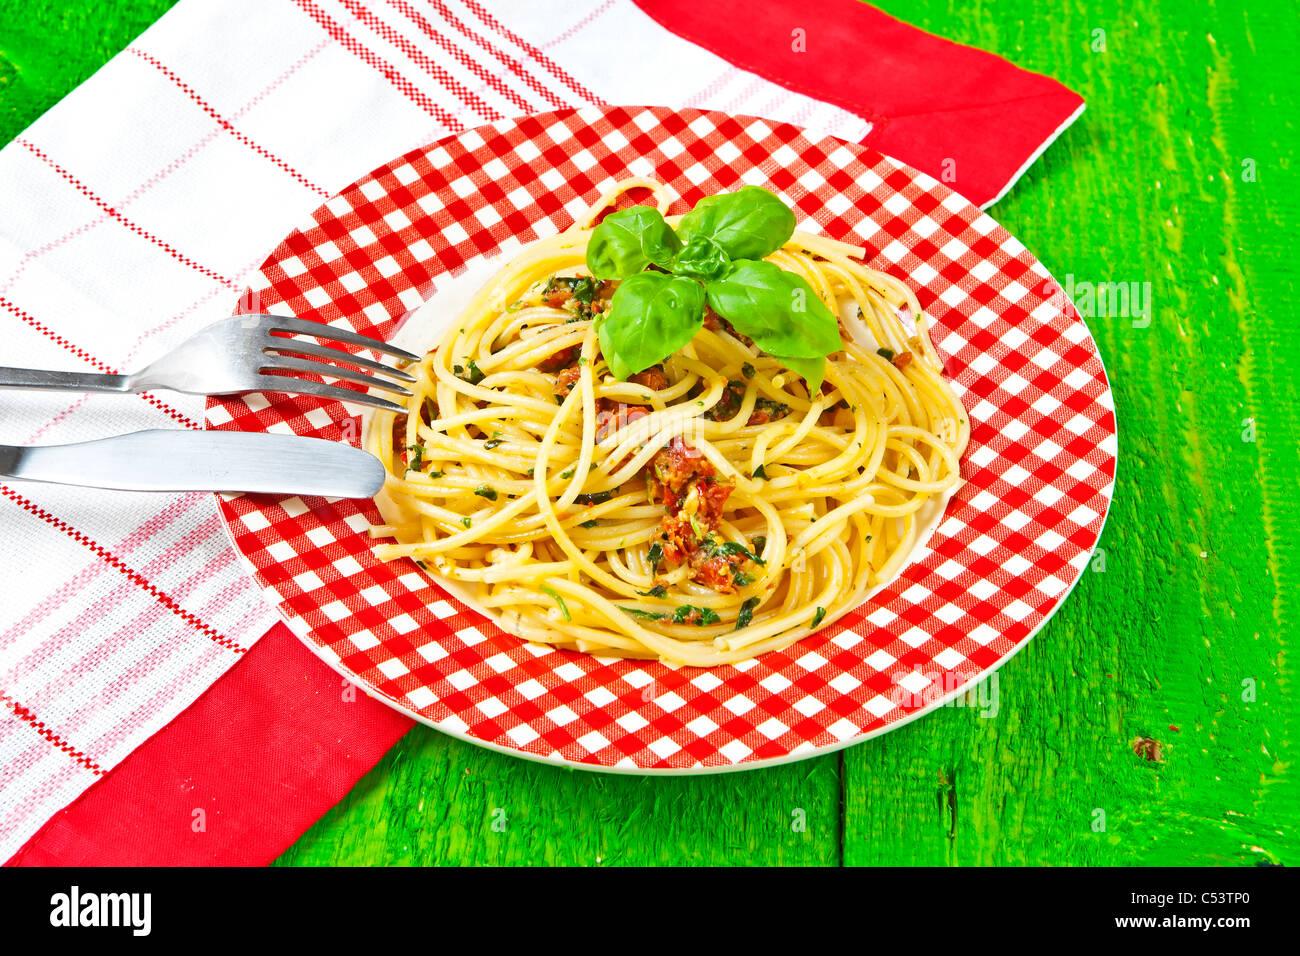 Spaghetti con pesto, realizzato da pomodori secchi, grana, pecorino, rucola, basilico, pinoli e aglio Immagini Stock